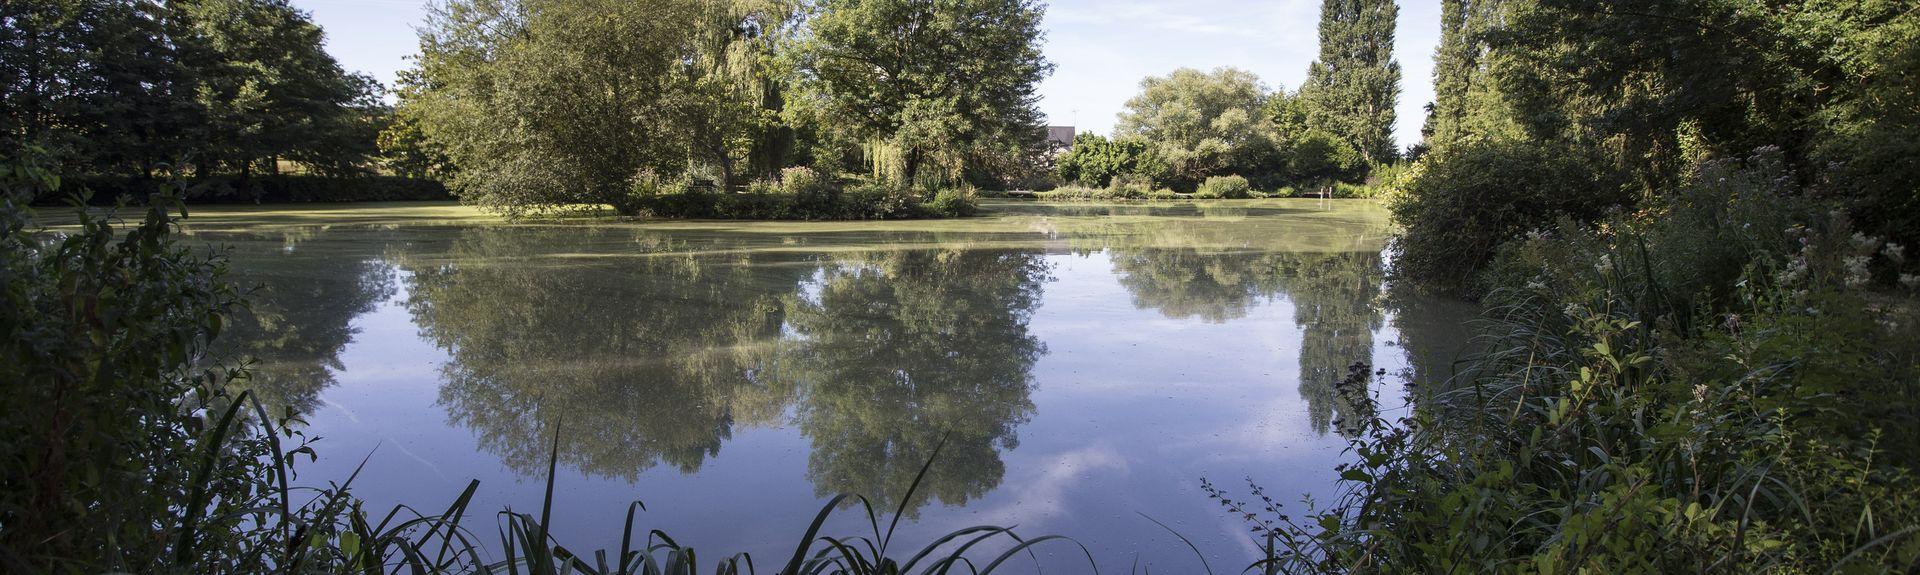 Verneuil-sur-Indre, Indre-et-Loire (département), France